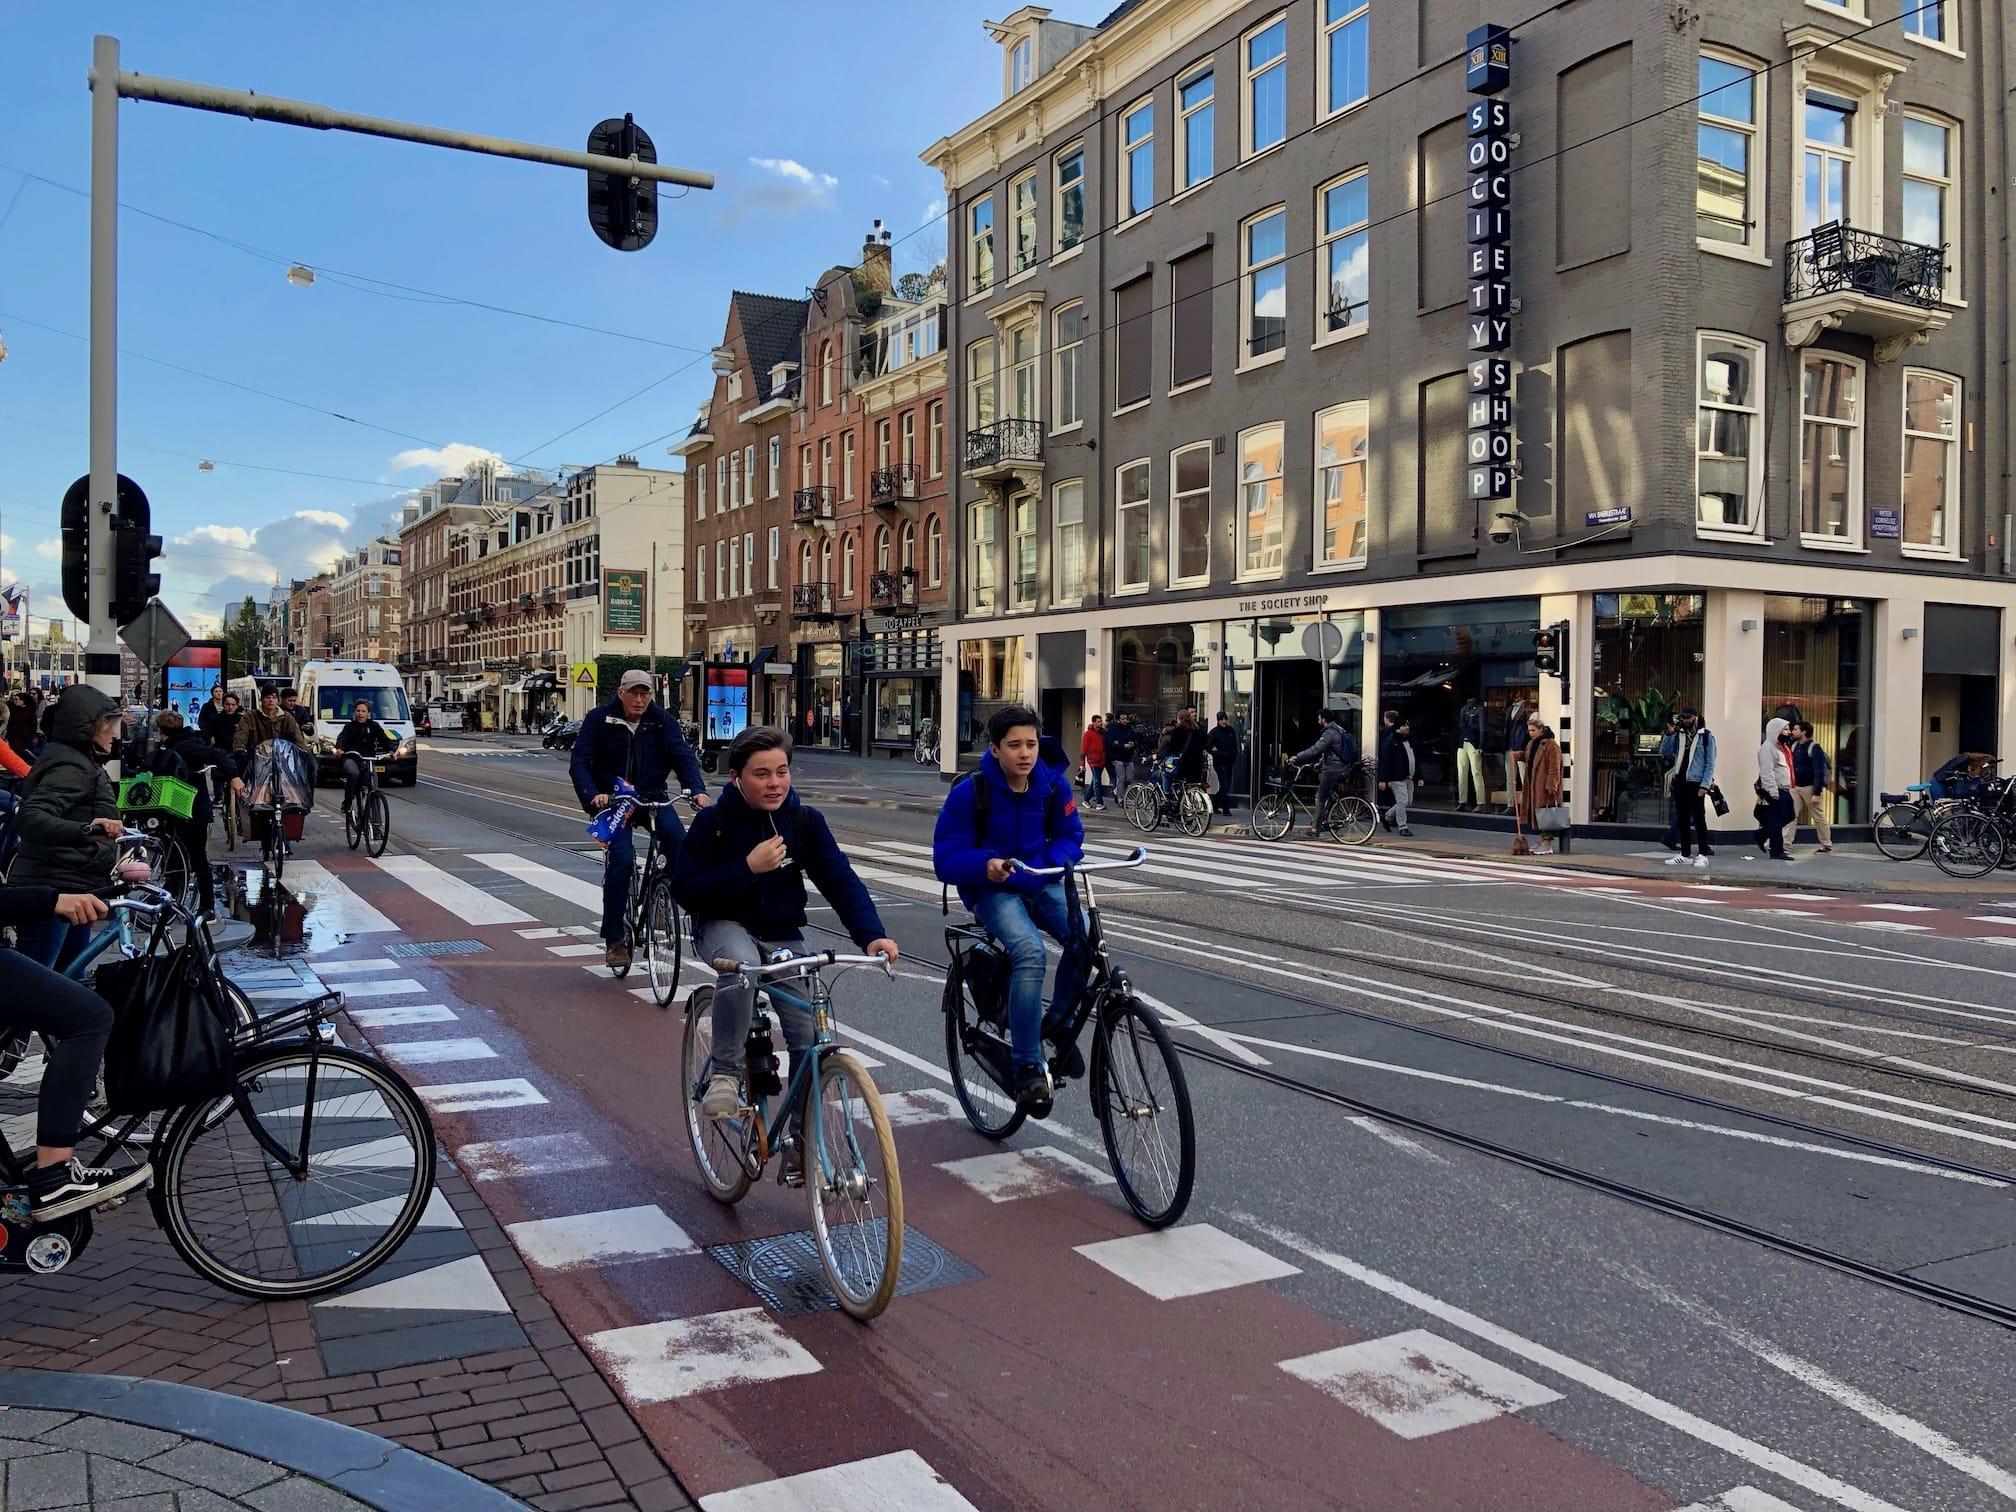 City bike riders